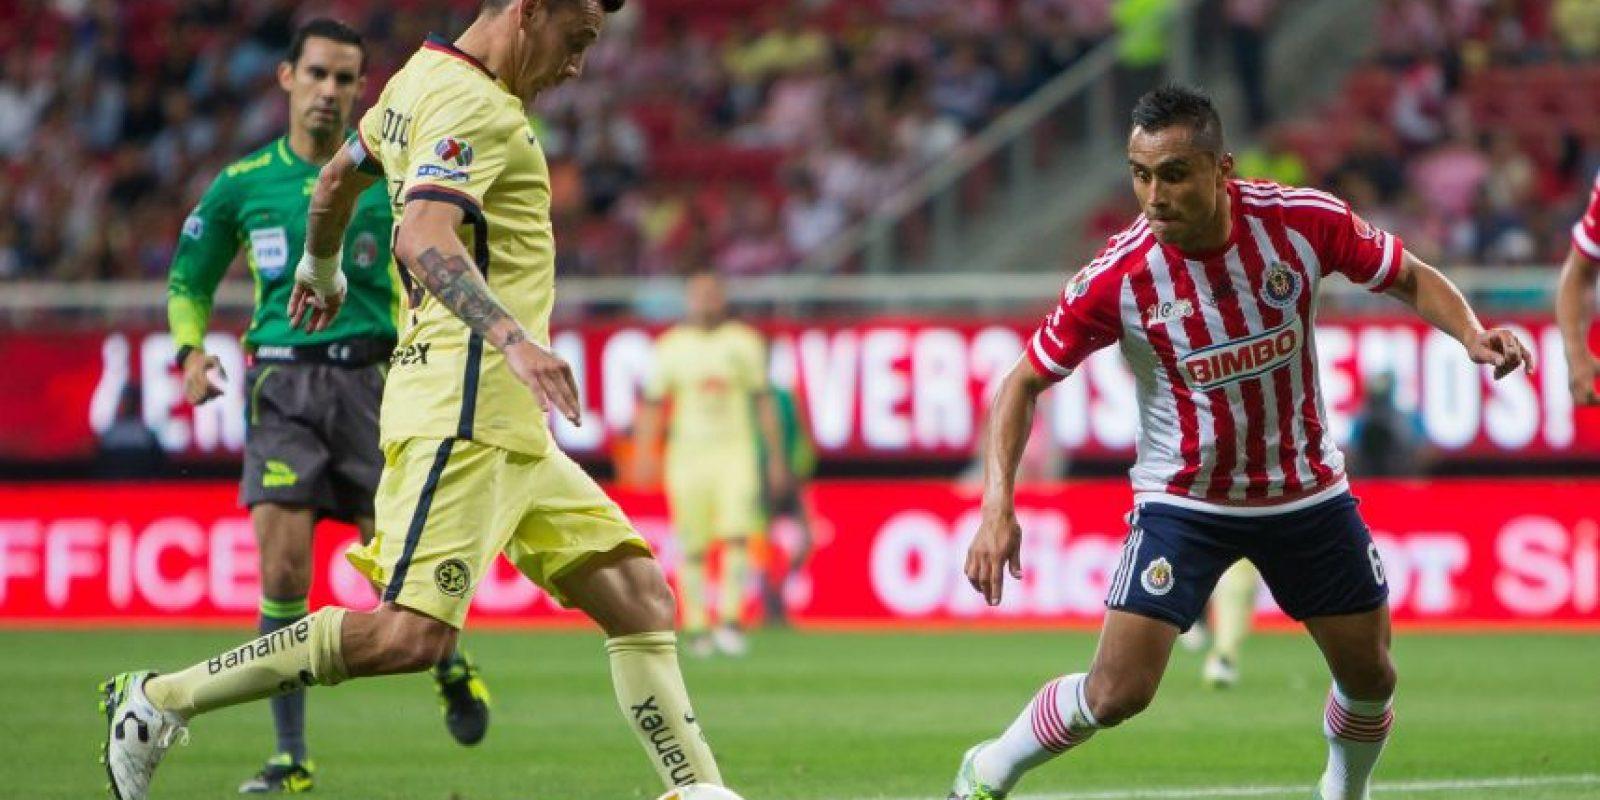 Las razones por las que los aficionados al futbol odian al América Foto:Getty Images